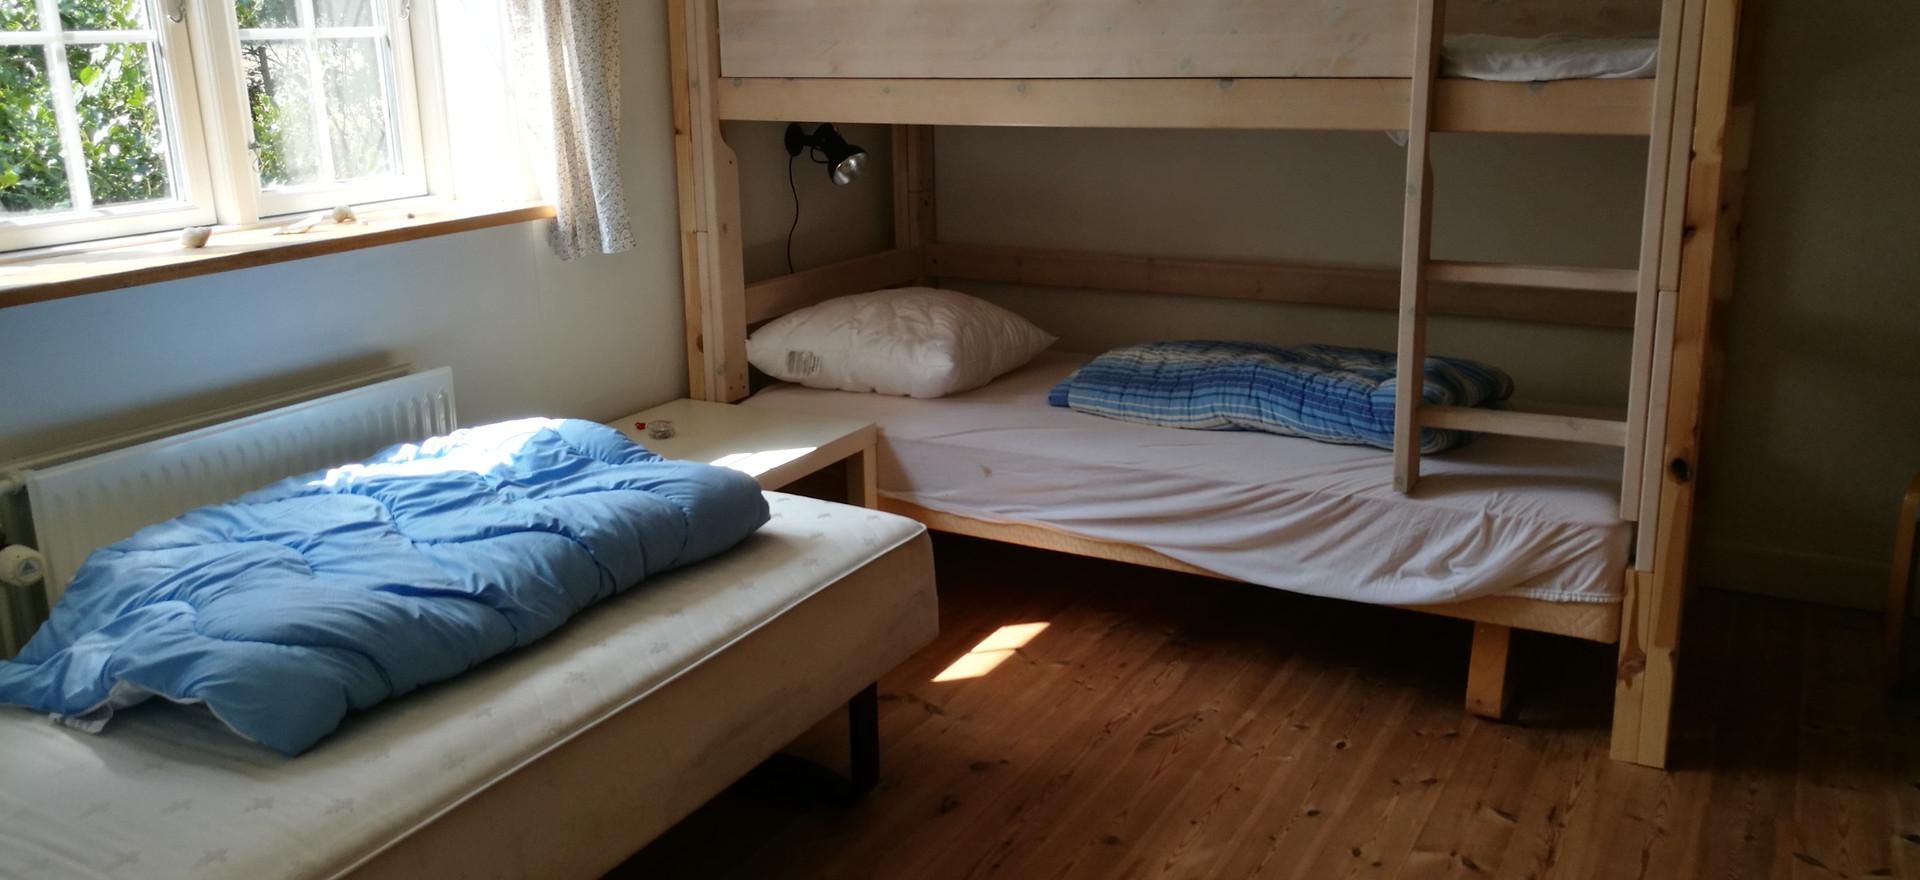 Det lille værelse.